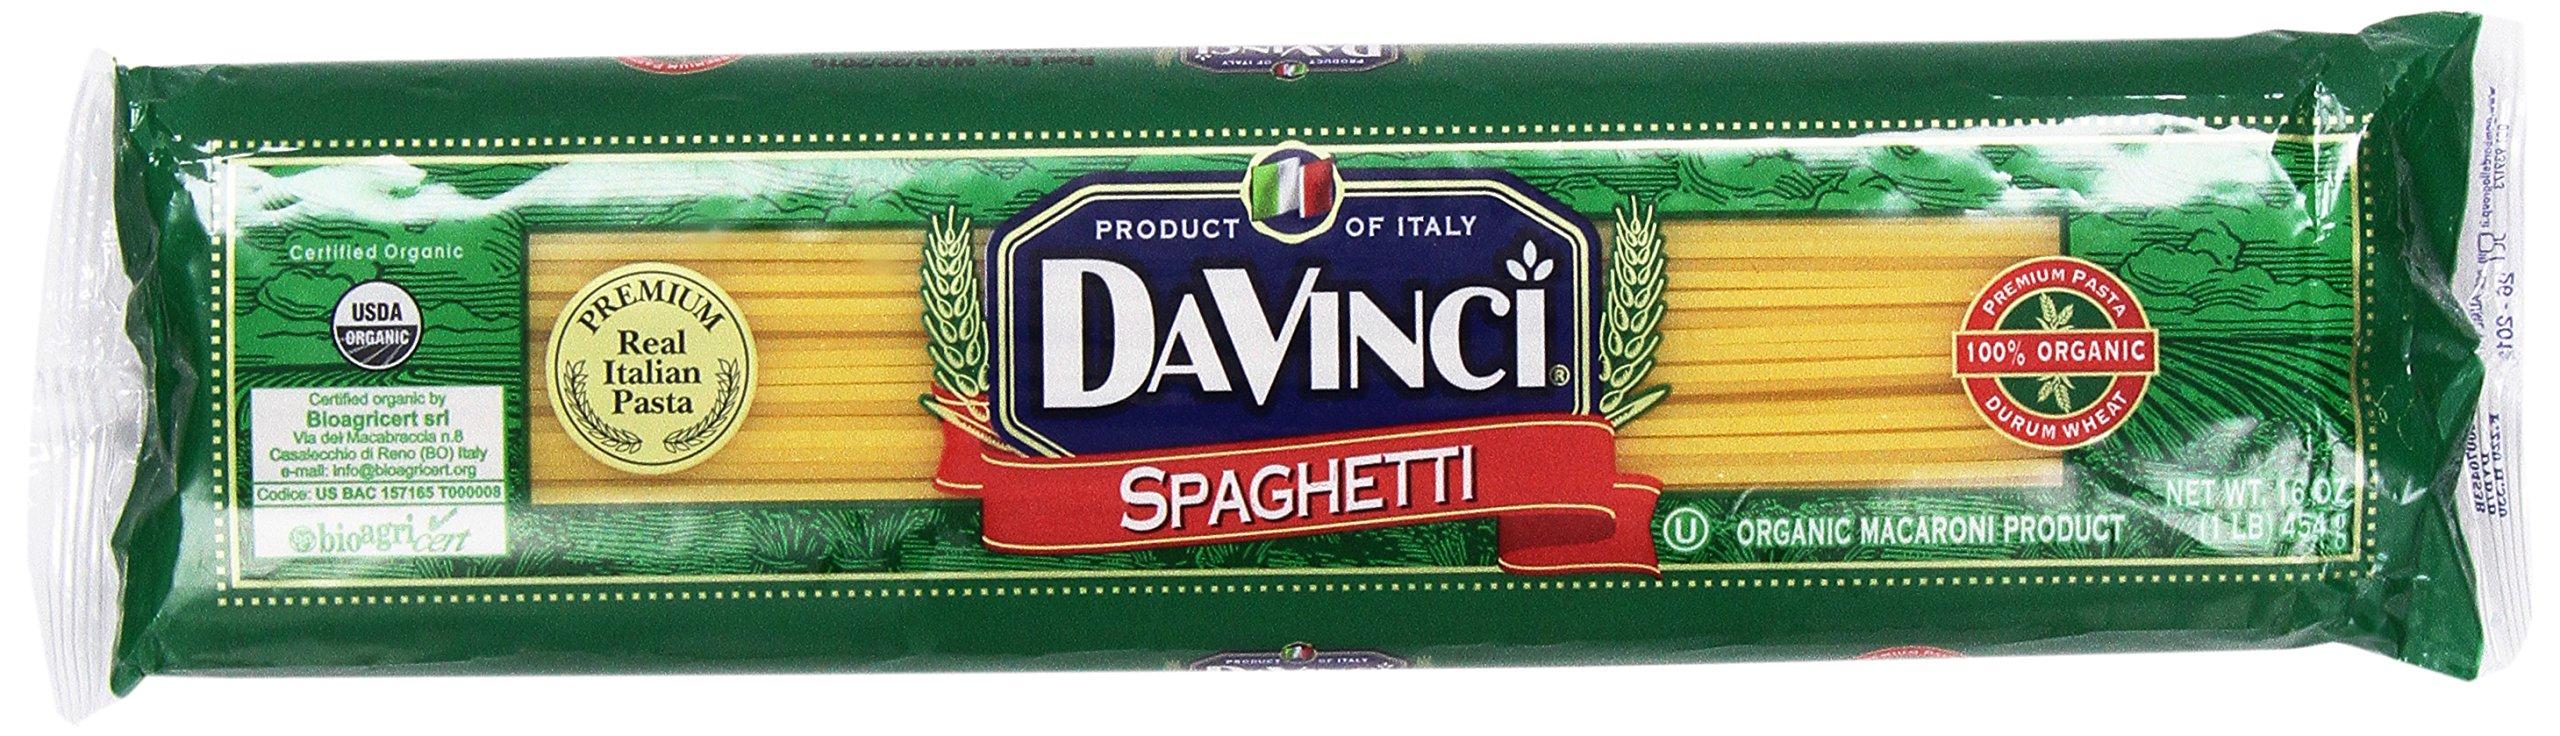 Da Vinci Organic Spaghetti, 16 oz by DaVinci